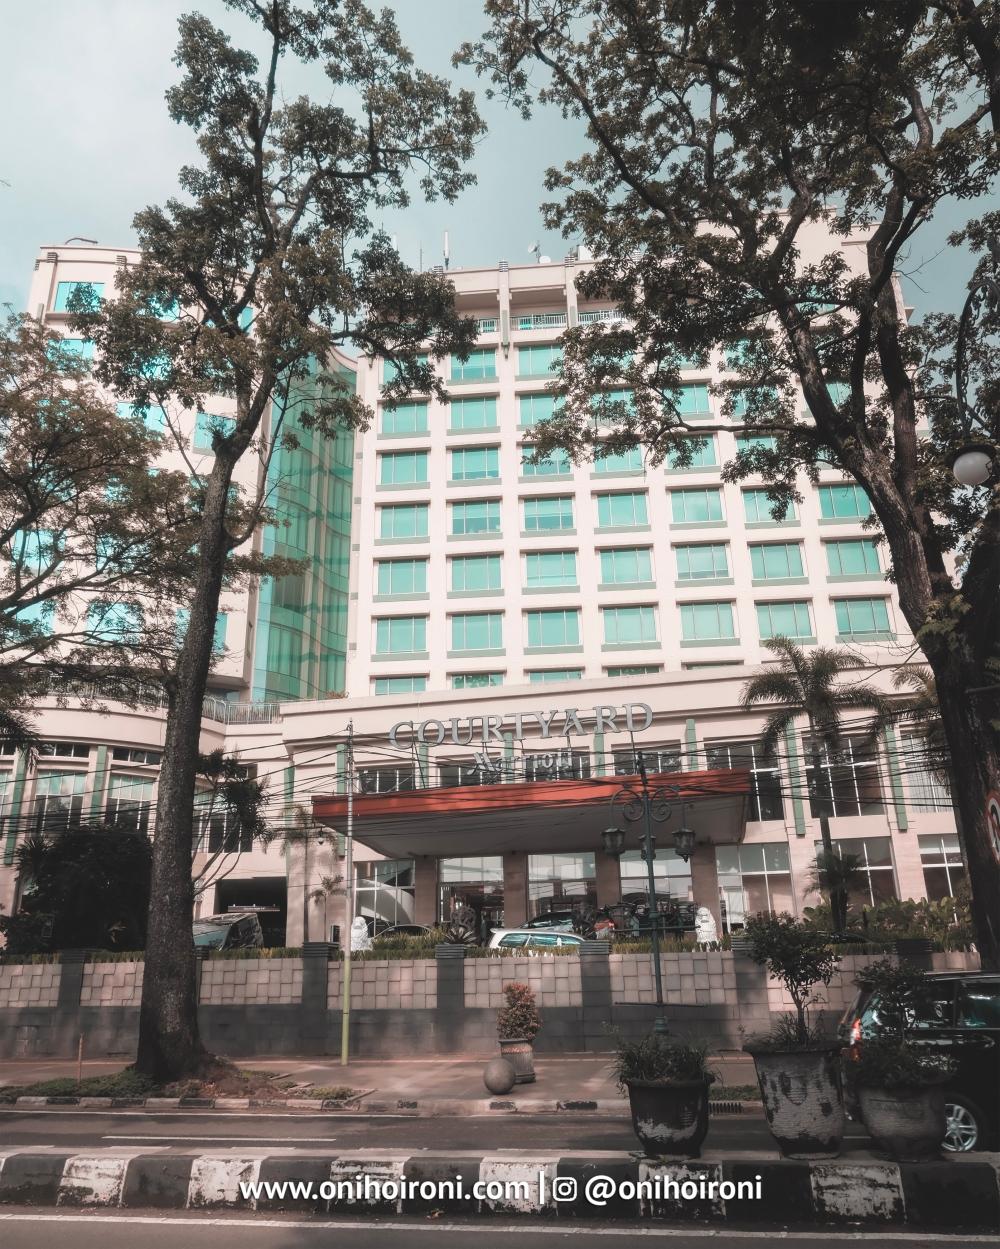 2 Building Courtyard Bandung oni hoironi